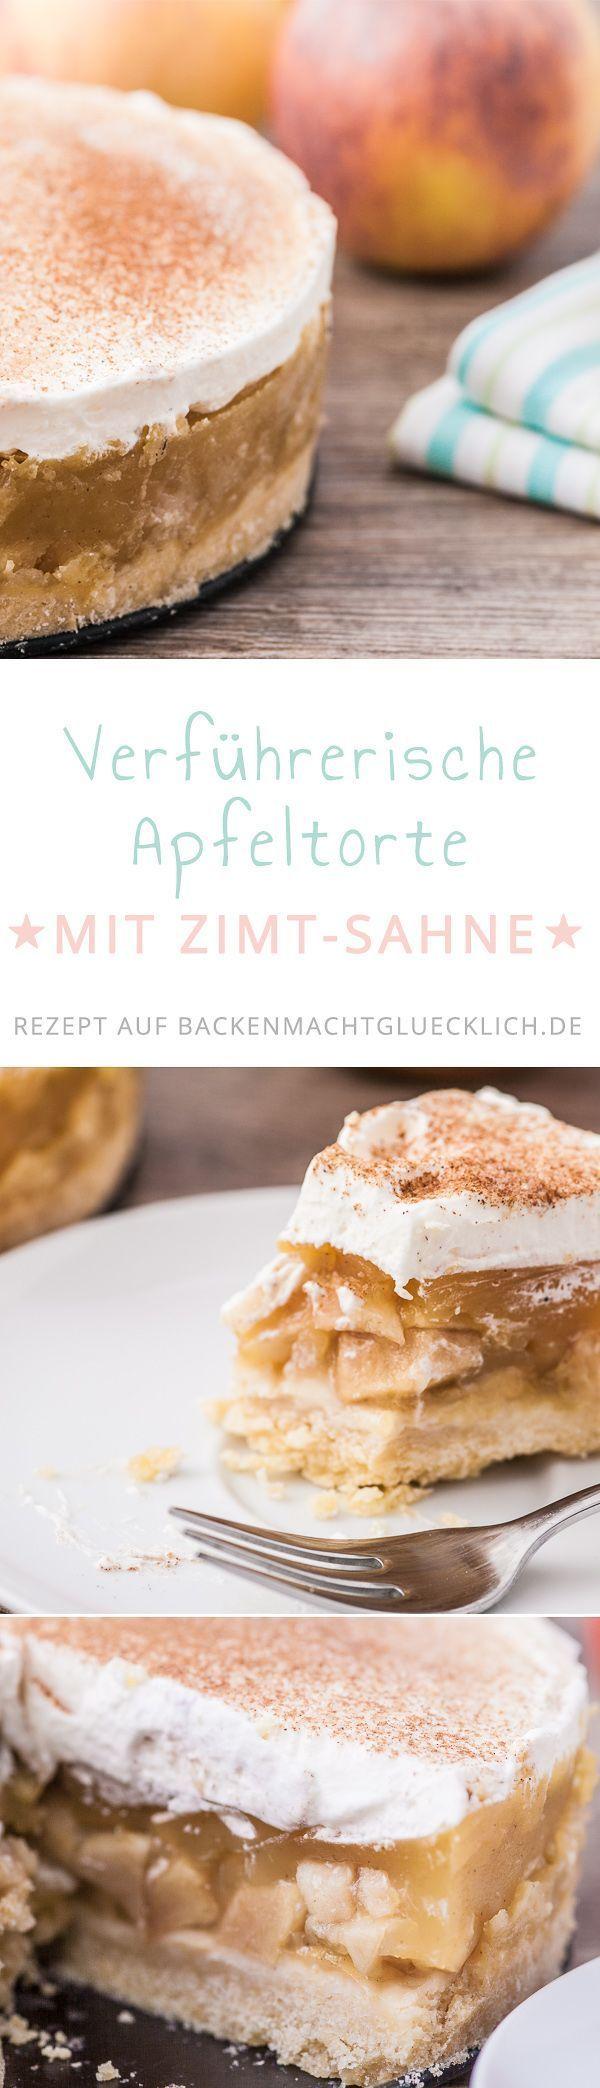 Apfel-Sahne-Torte mit Pudding #applepie